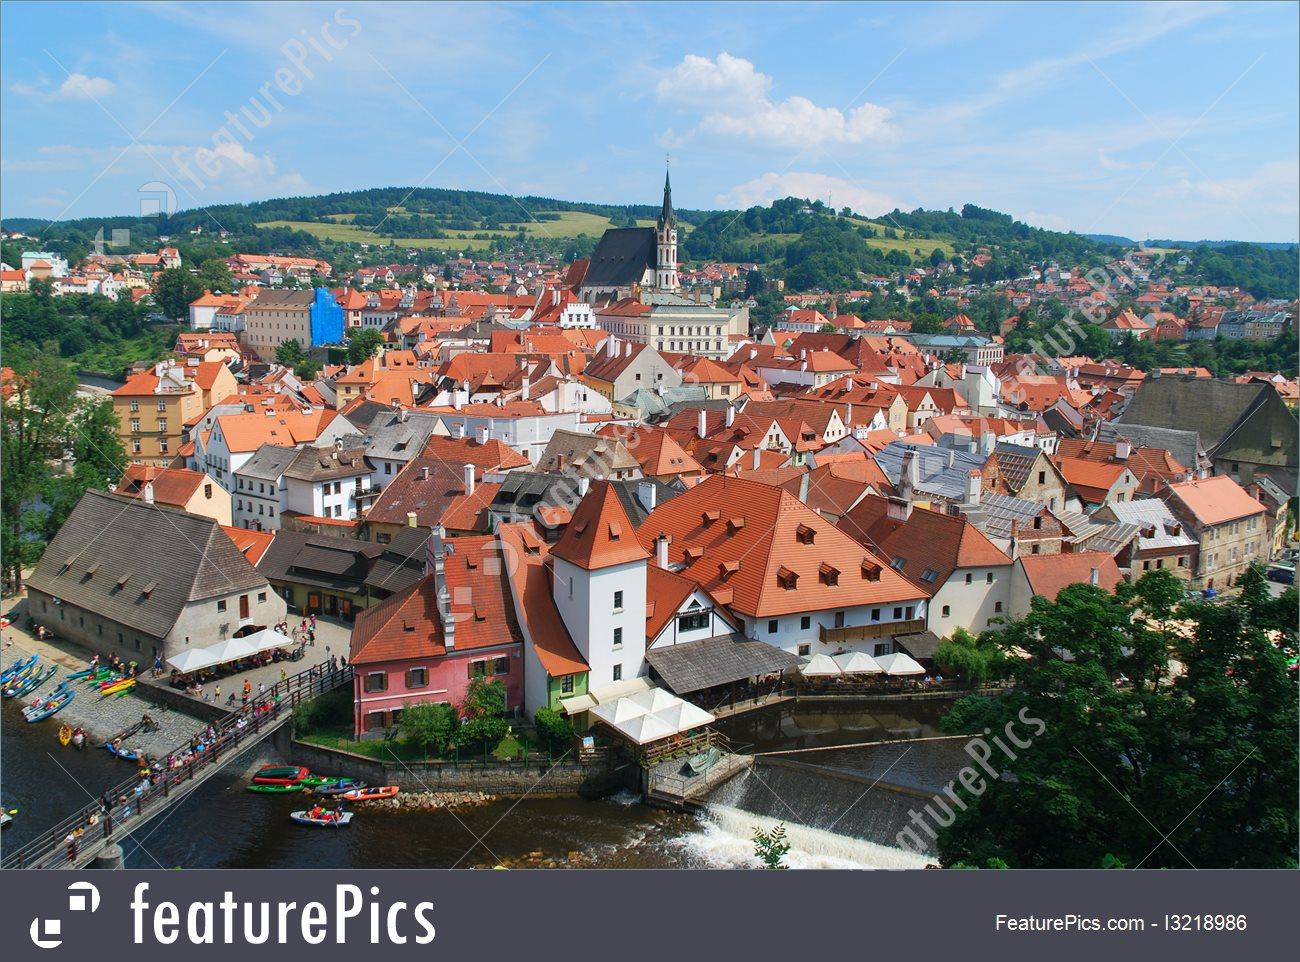 Europe: Cesky Krumlov, Czech Republic.